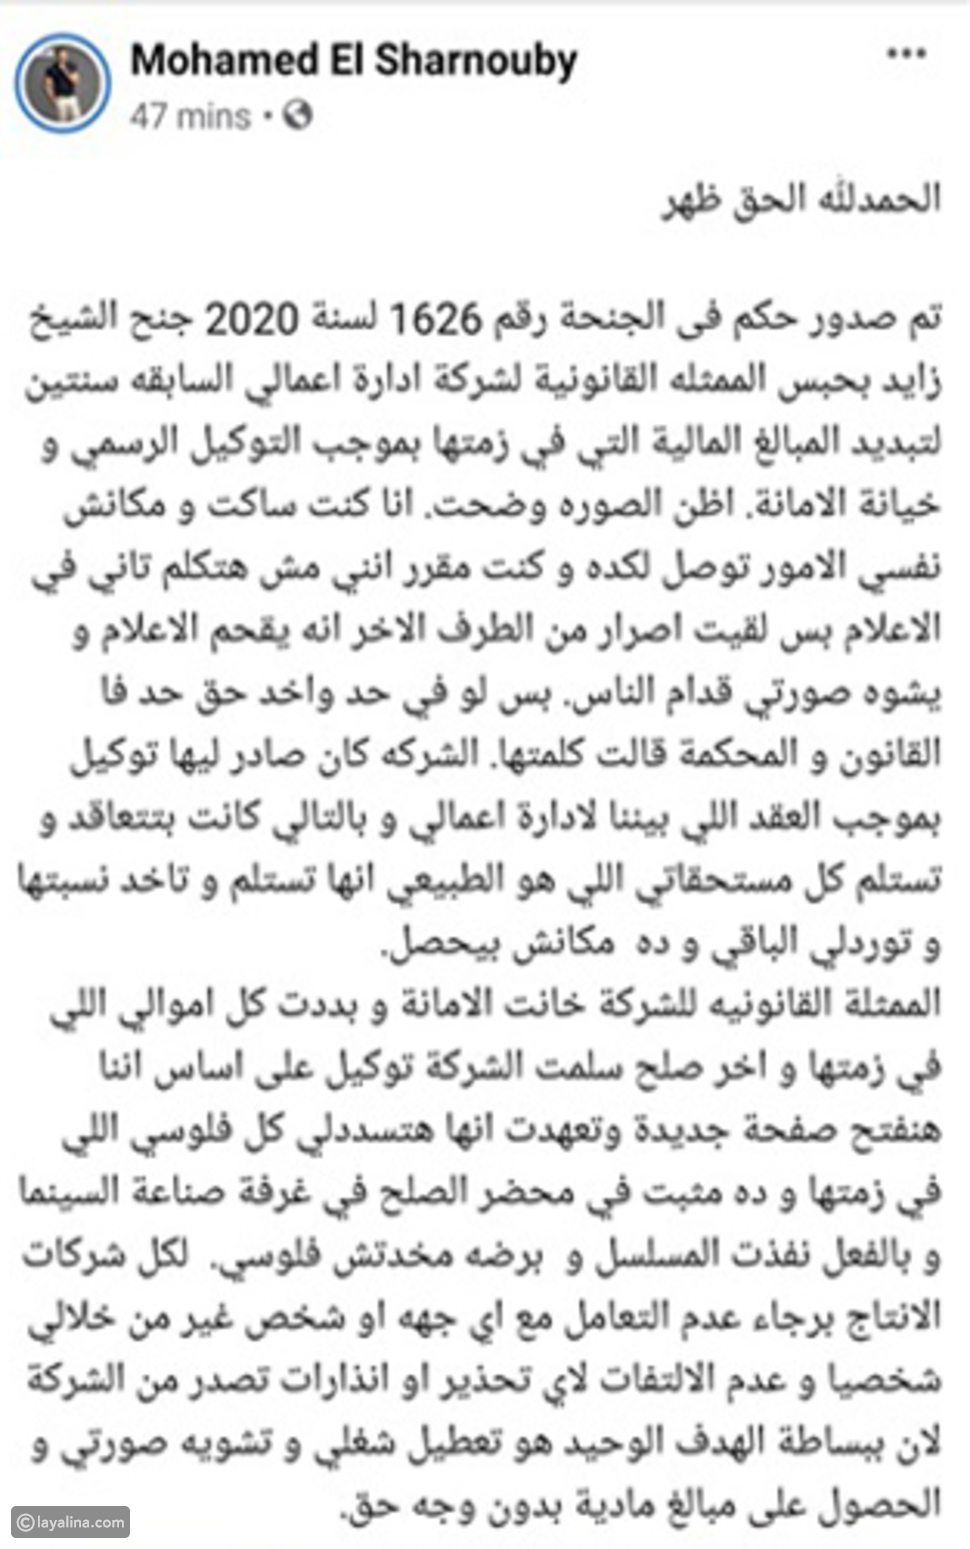 سارة الطباخ تتوعد بمقاضاة محمد الشرنوبي بتهمة التشهير